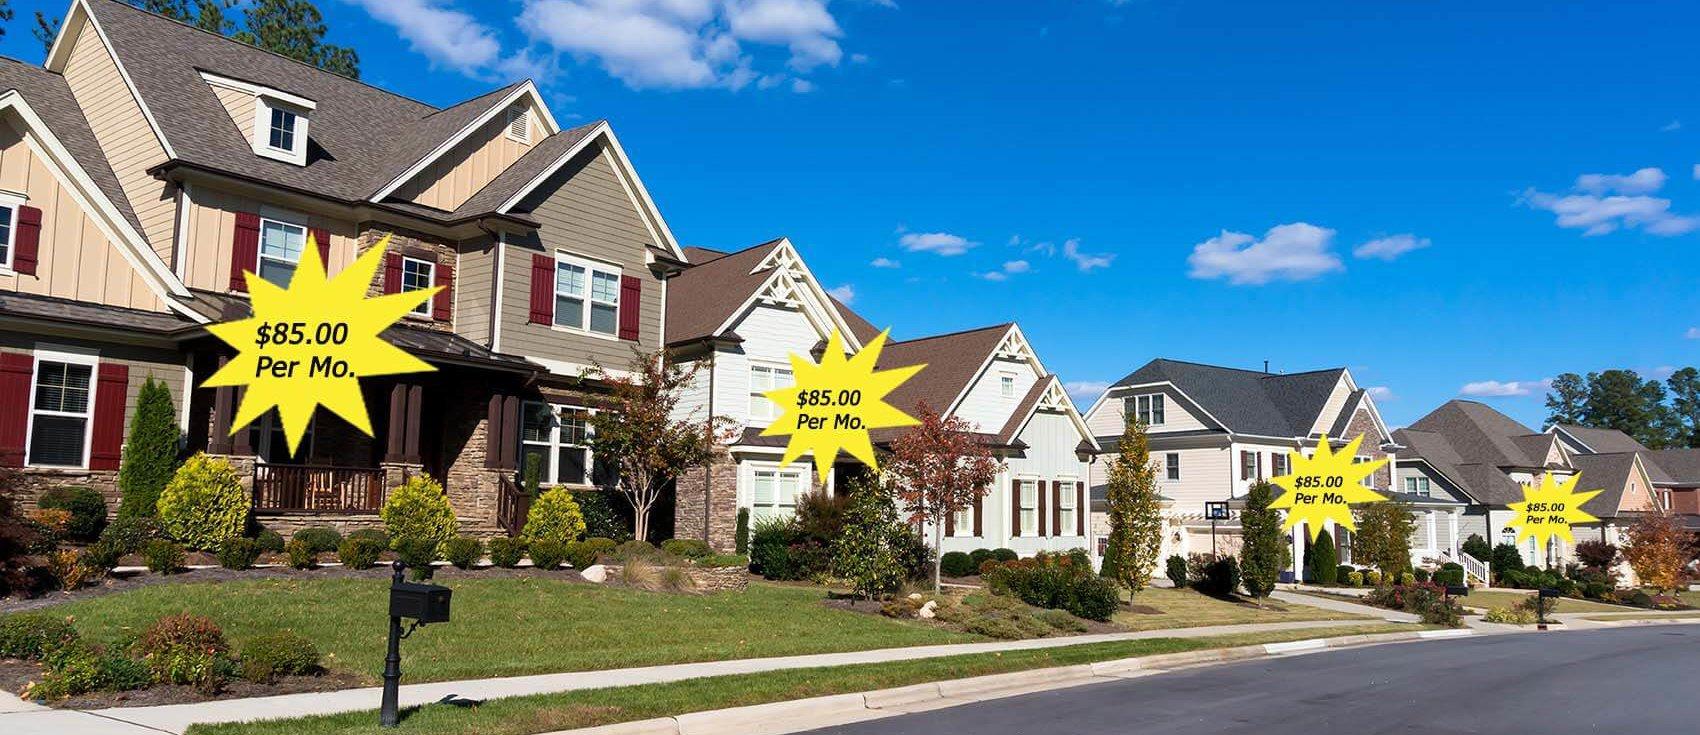 Elite Real Estate And Property Management Llc